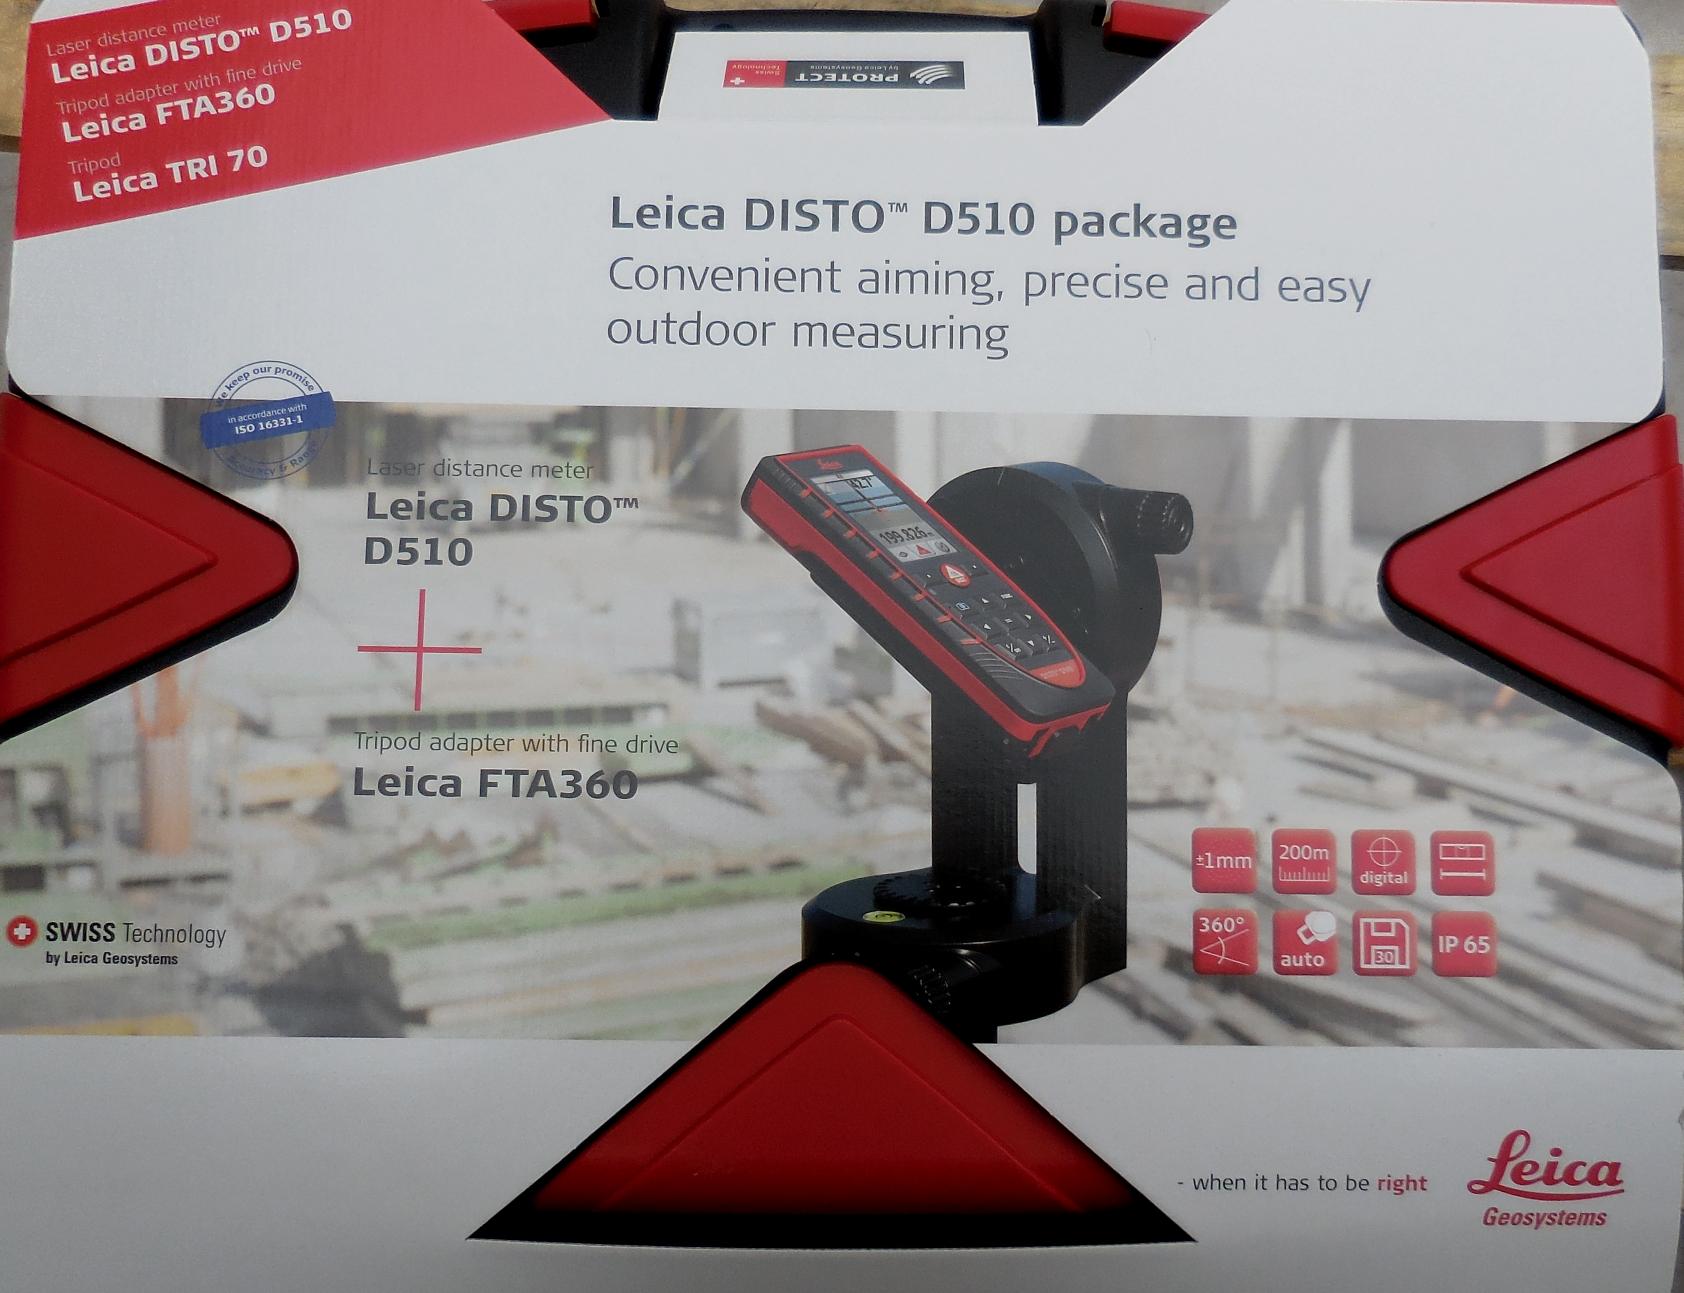 Leica Entfernungsmesser Disto D510 : D disto set entfernungsmesser laser werkzeug shop